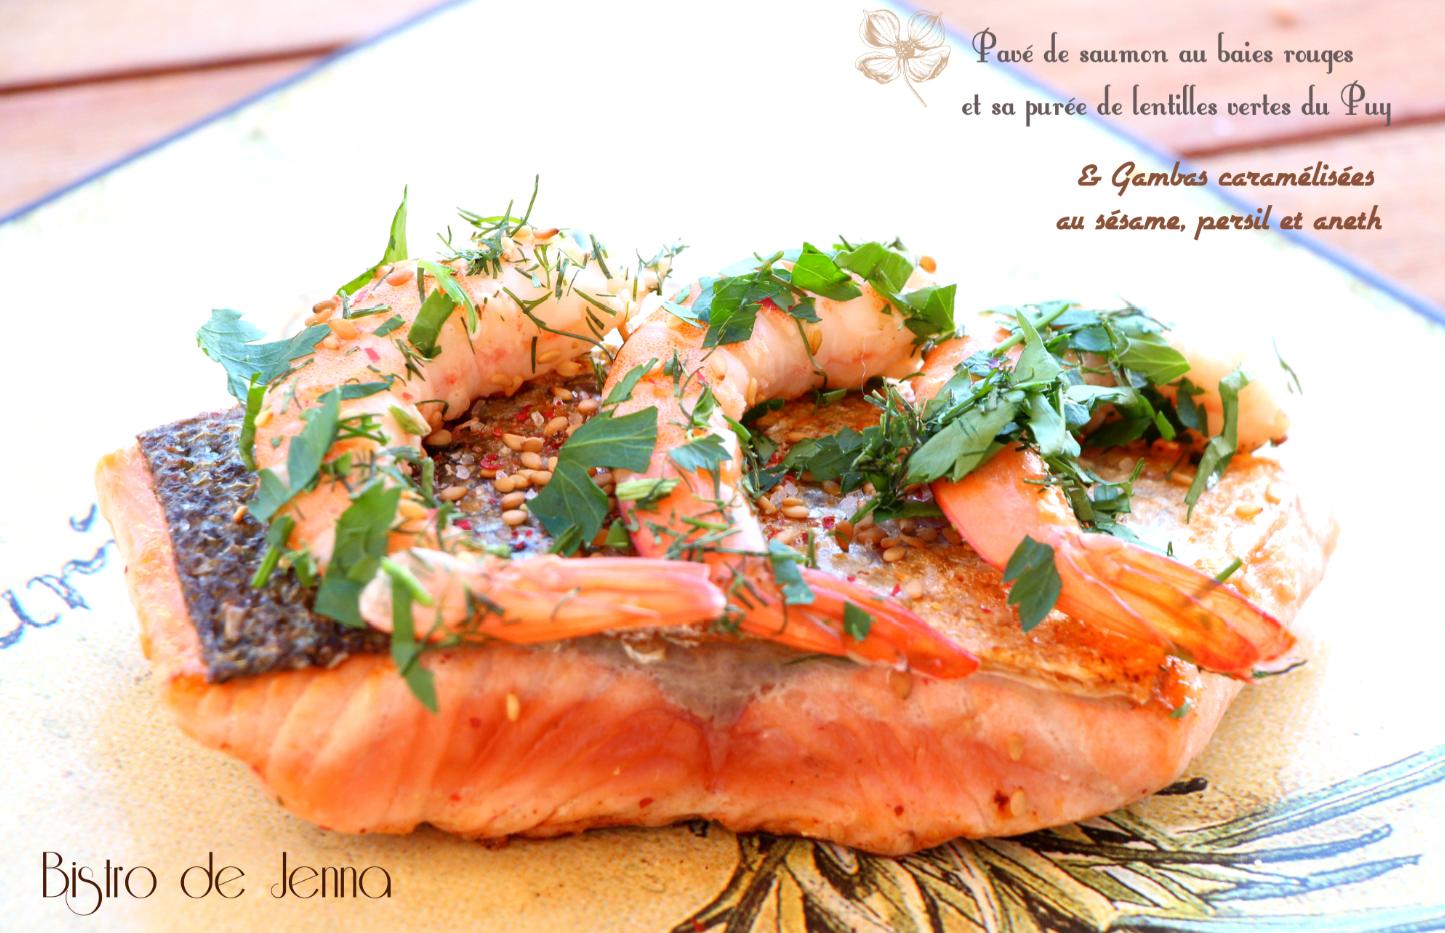 Pavé de saumon au baies rouges et sa purée de lentilles vertes du Puy & Gambas caramélisées au sésame, persil et aneth